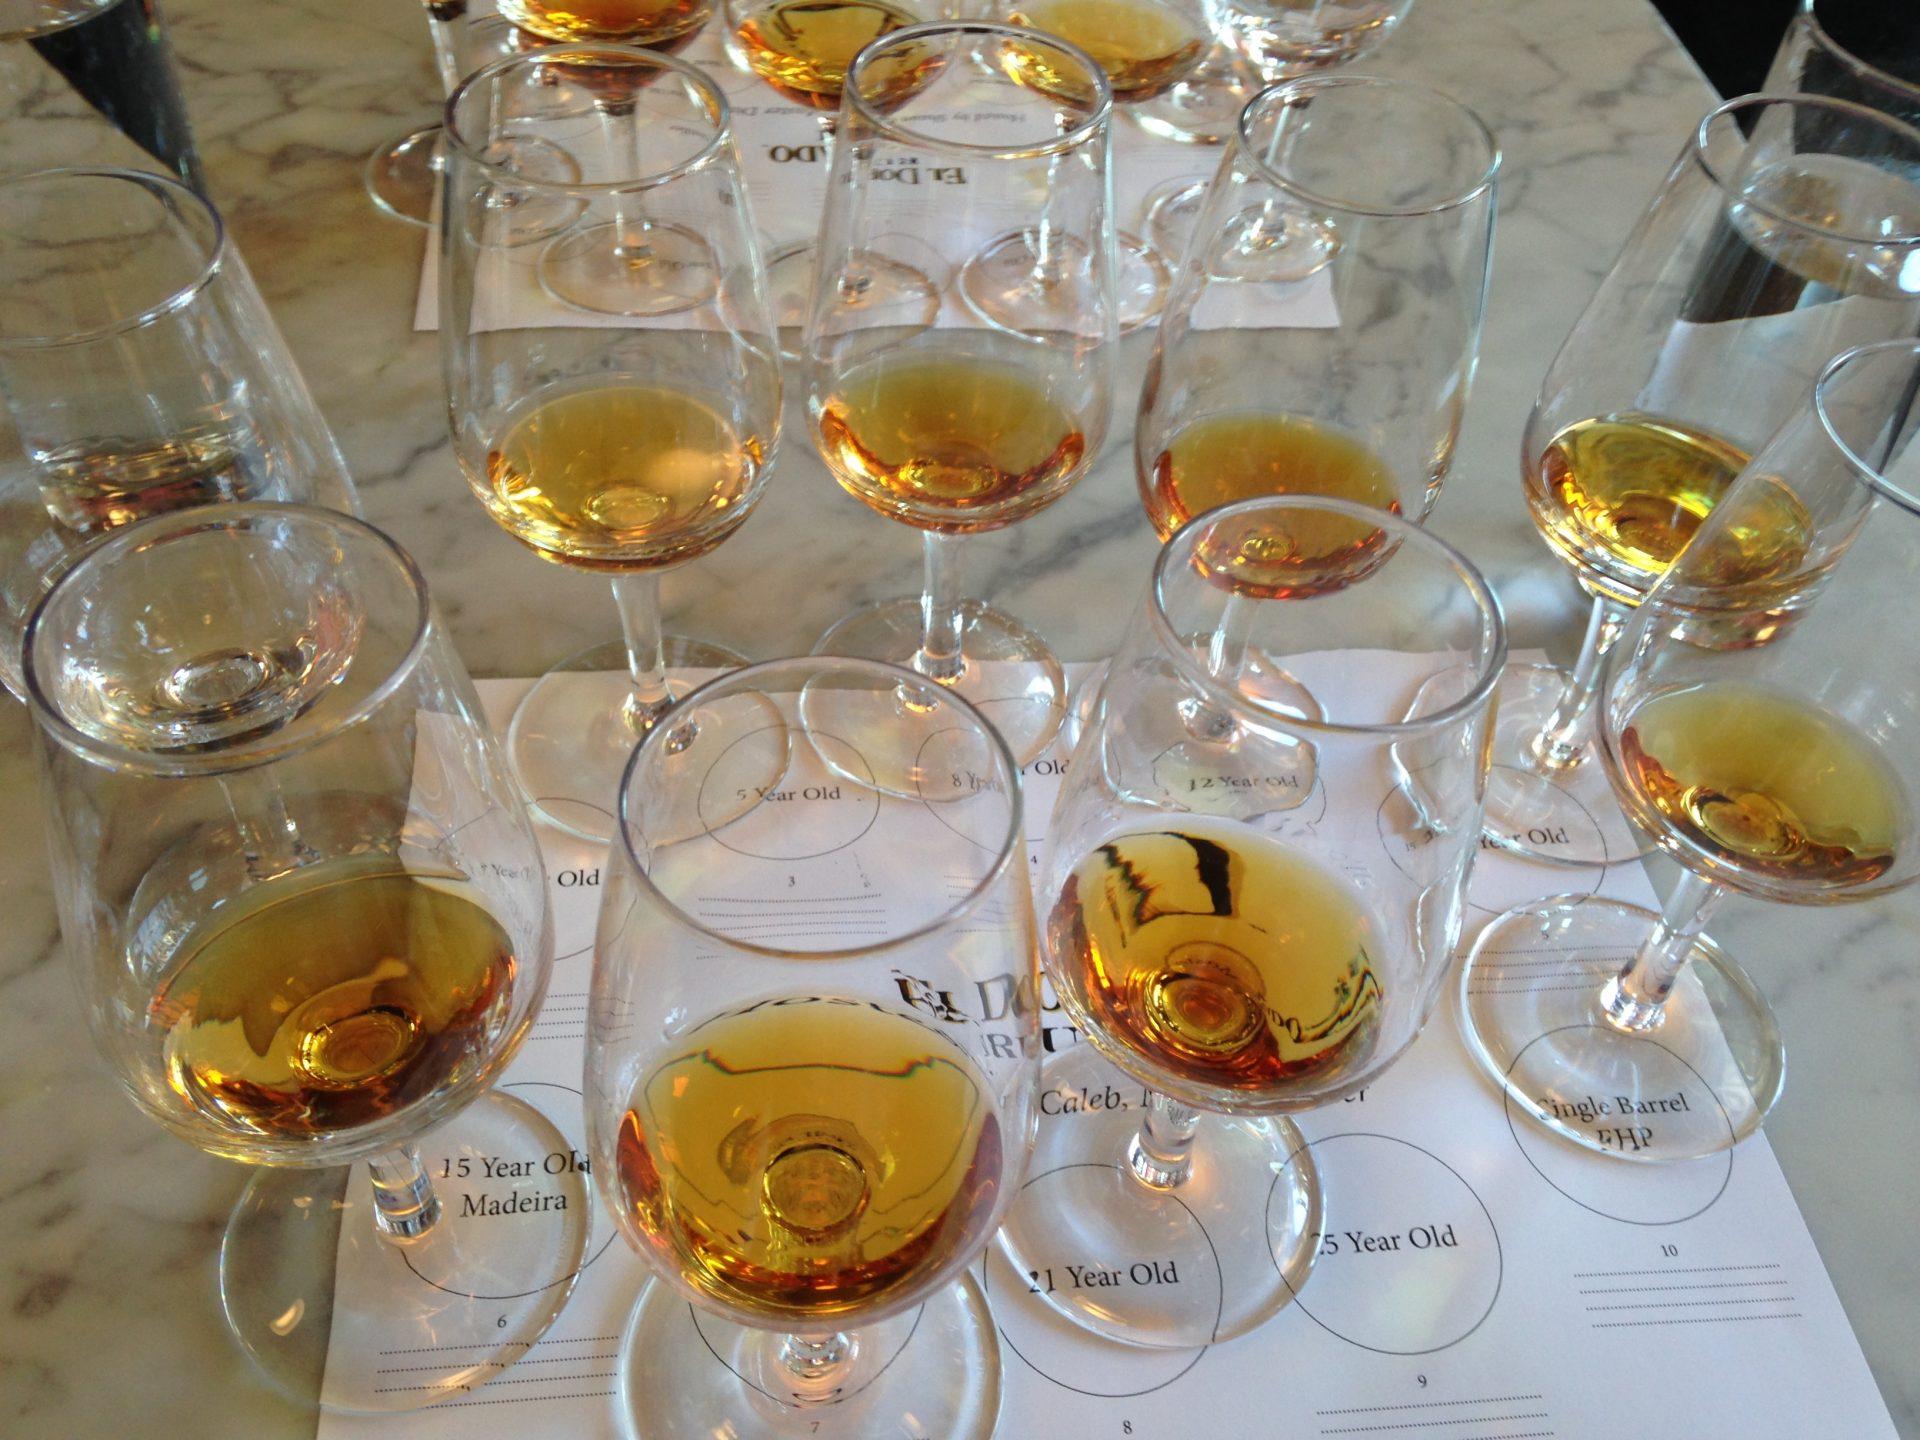 El Dorado Rum Tasting